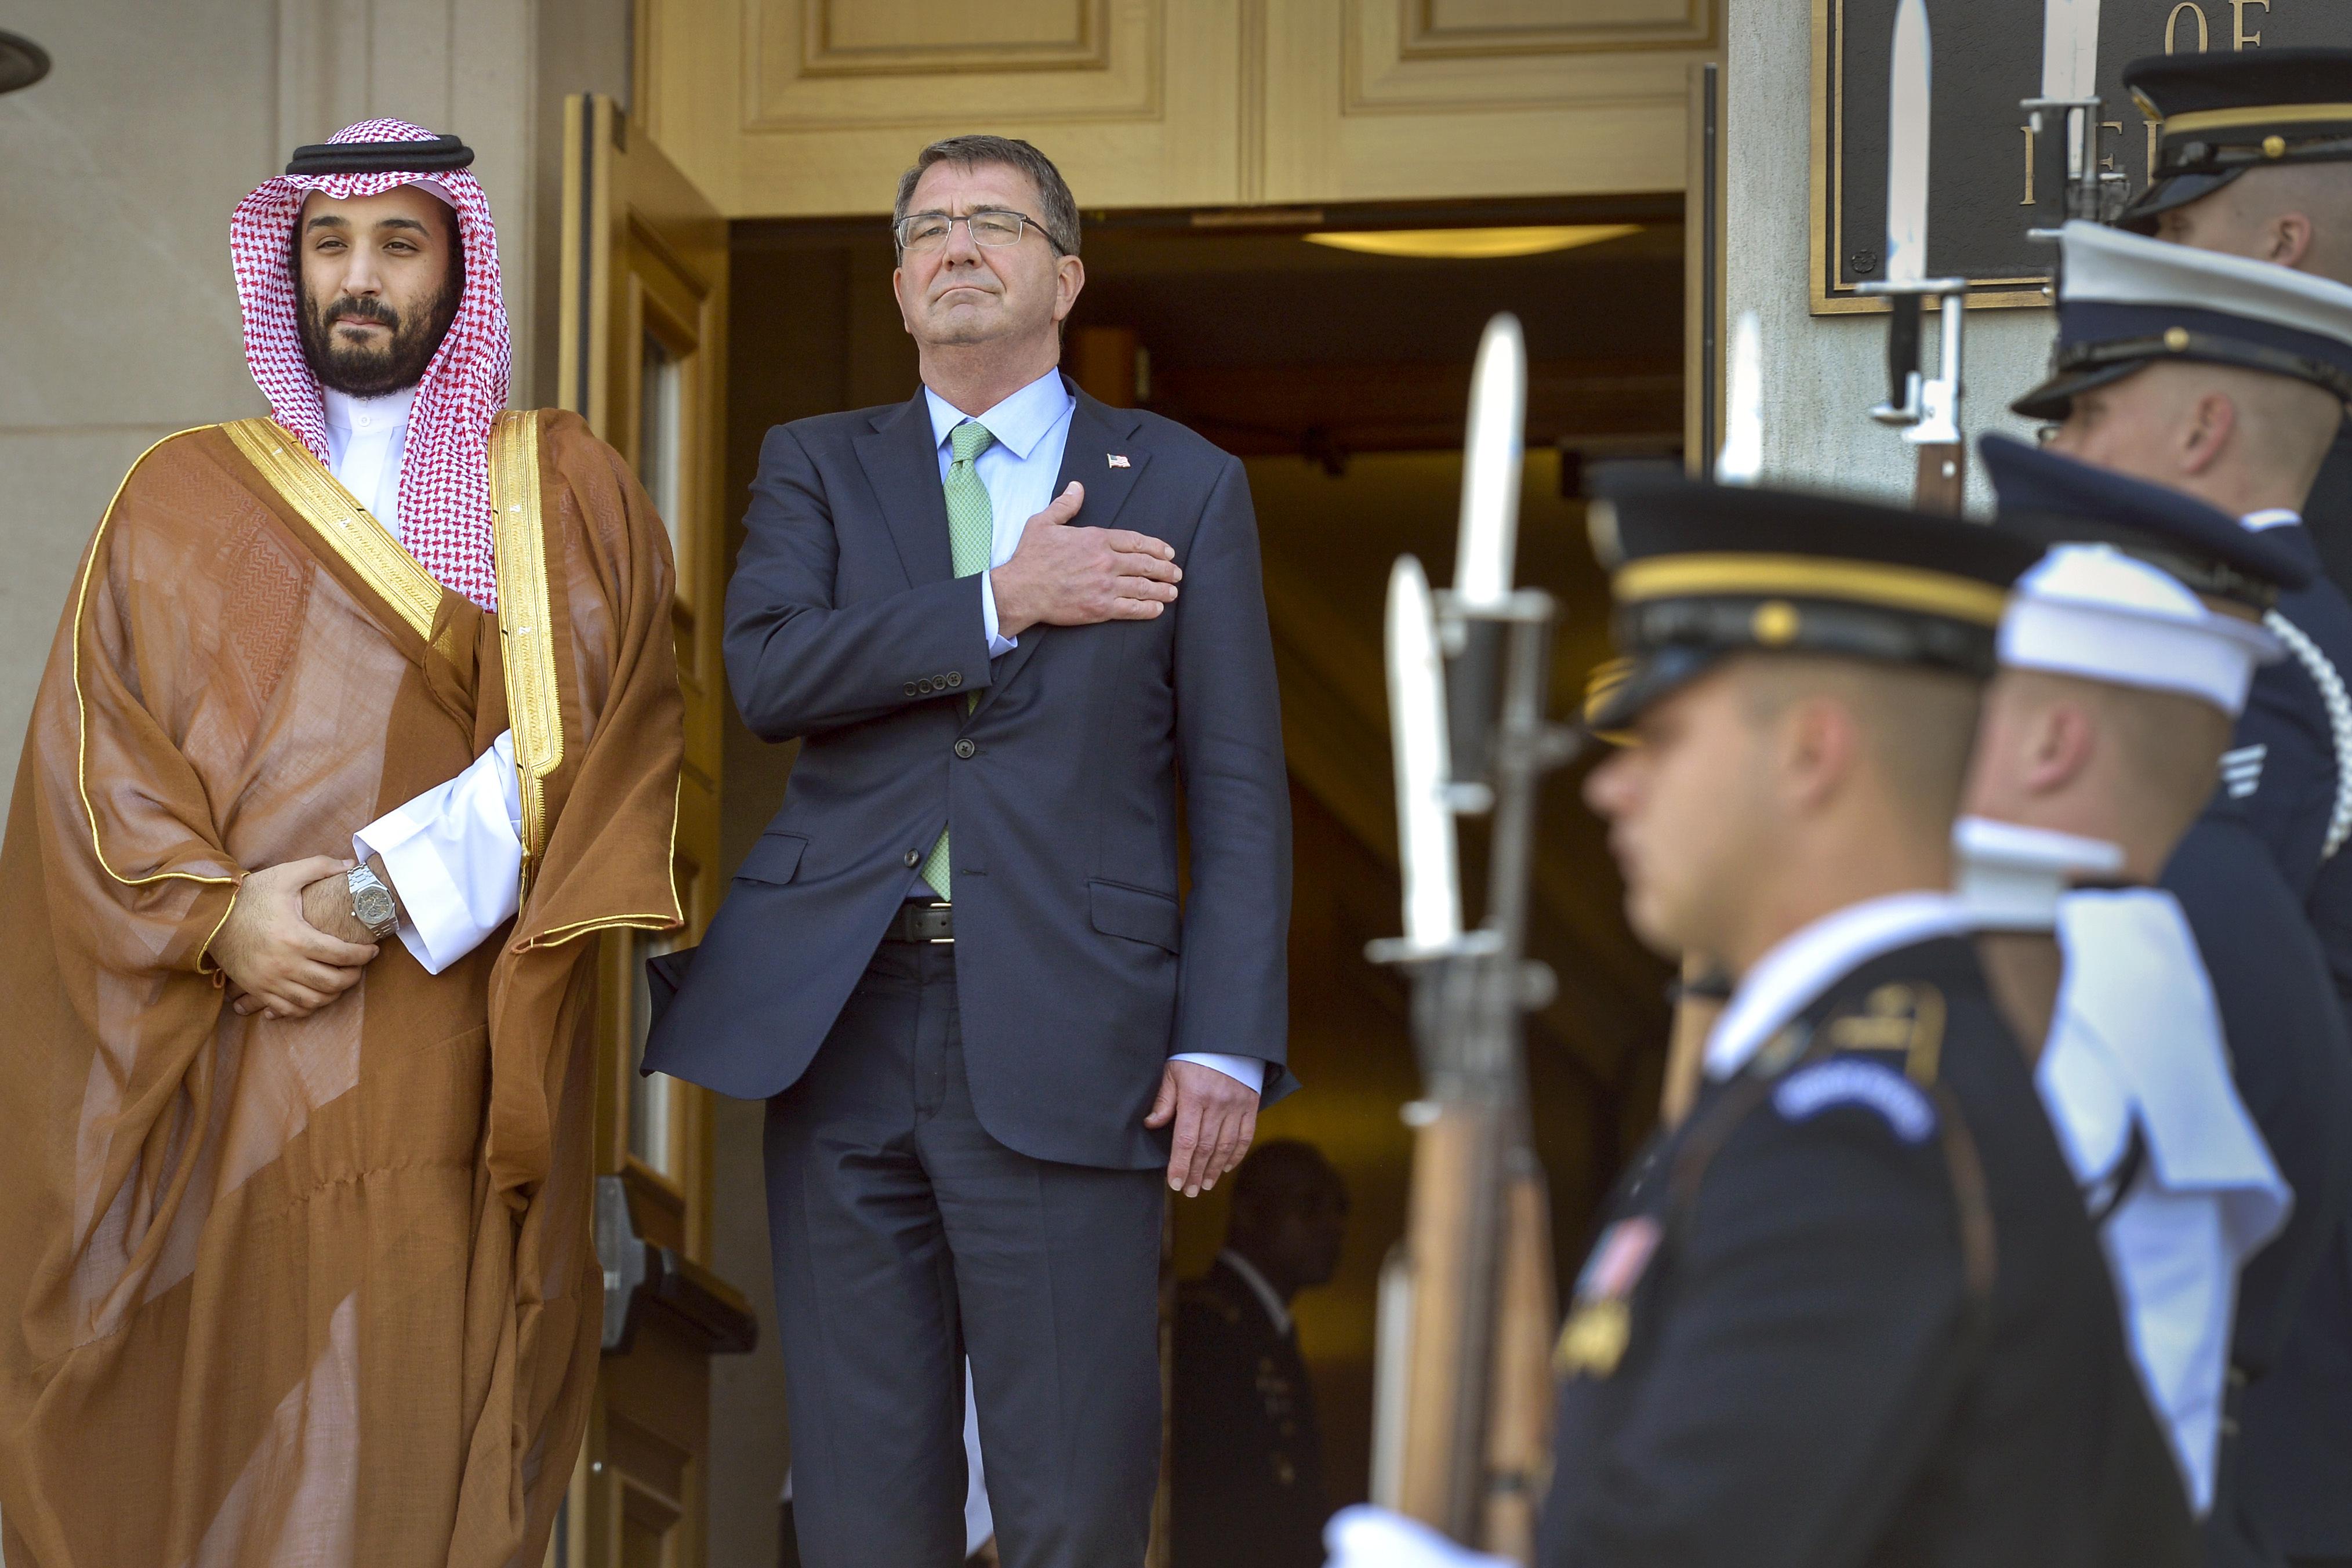 محمد بن سلمان بجانب وزير الدفاع الأمريكي أشتون كارتر